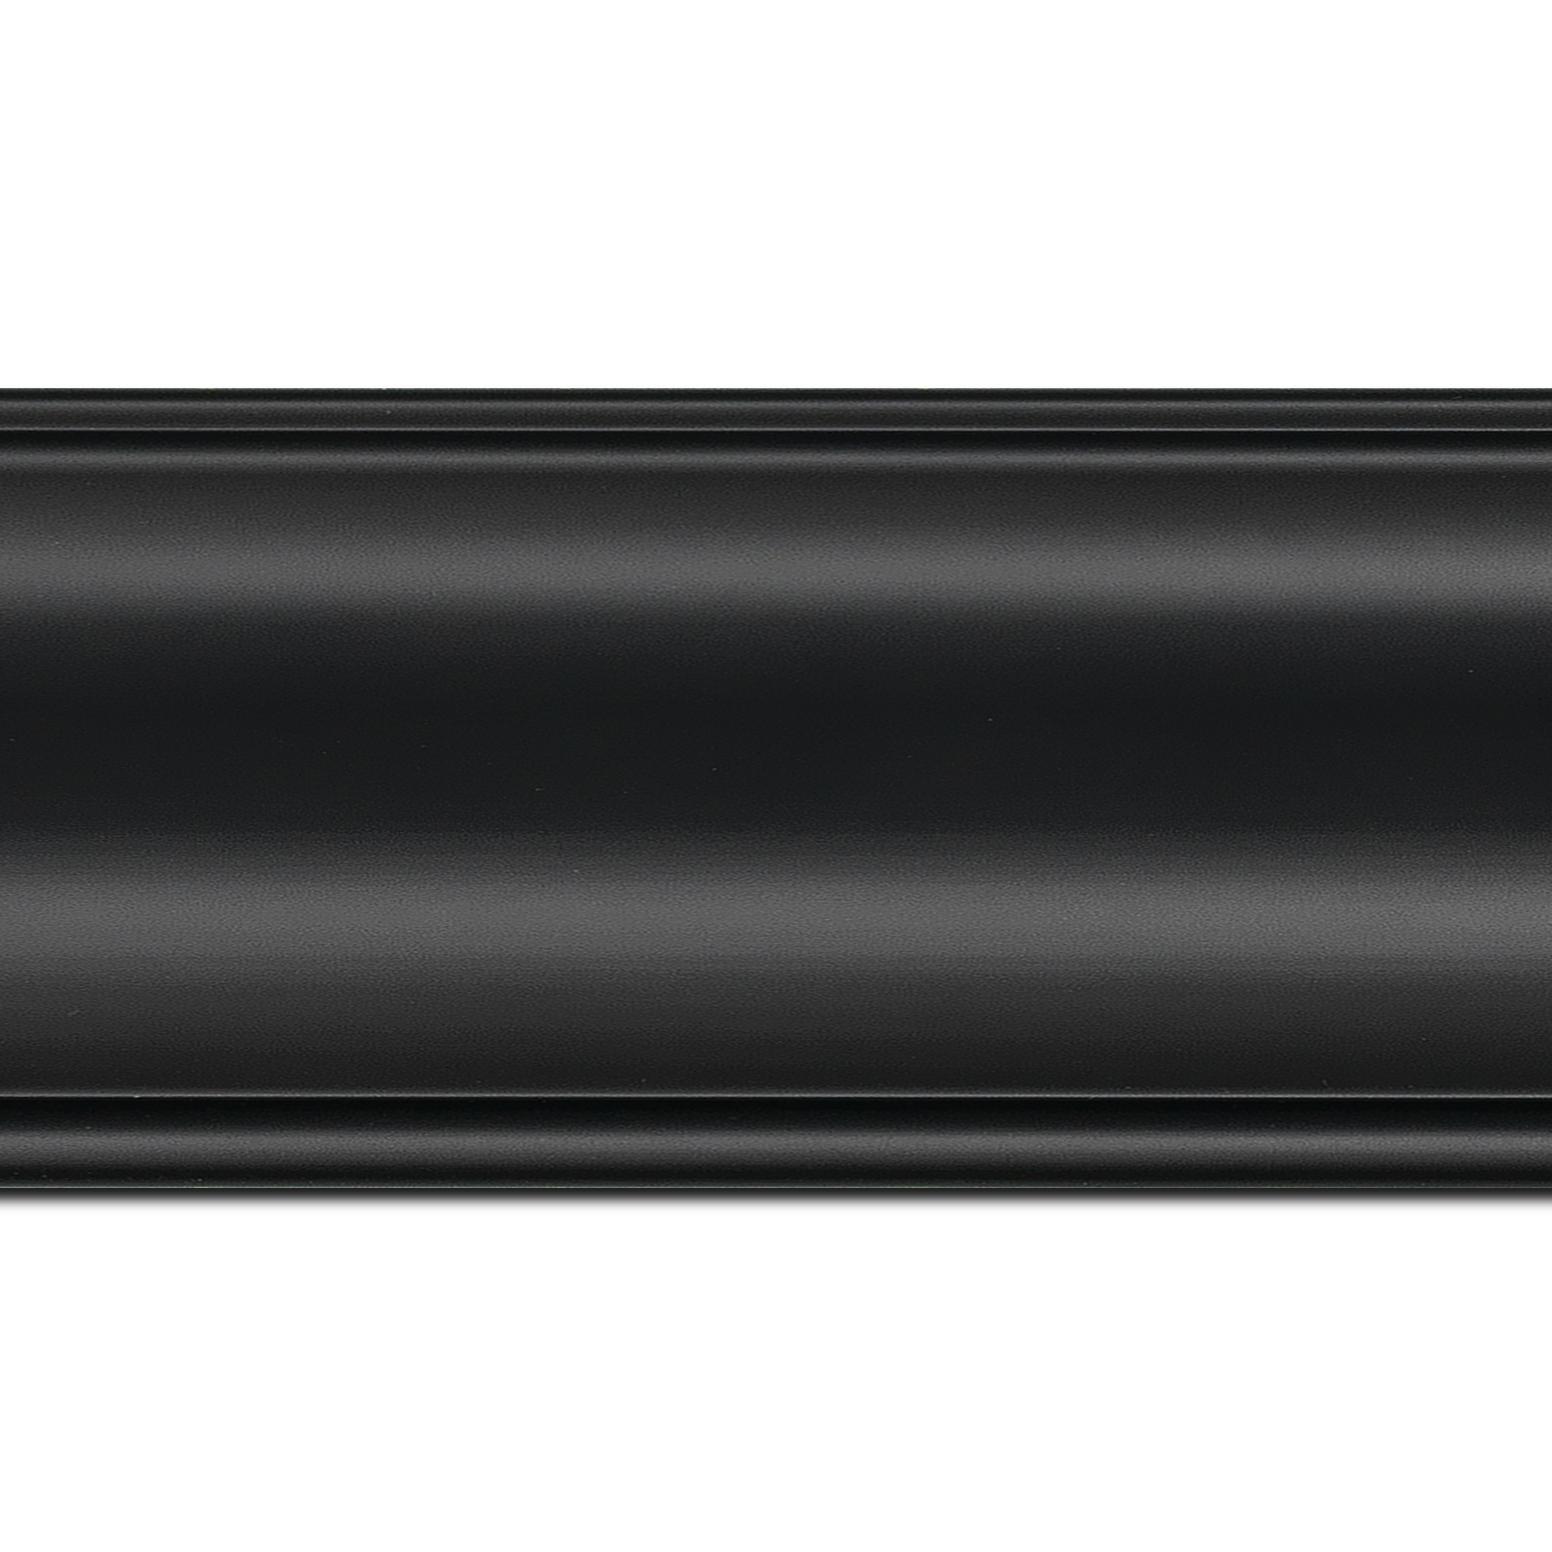 Pack par 12m, bois profil inversé largeur 9.1cm couleur noir satiné (longueur baguette pouvant varier entre 2.40m et 3m selon arrivage des bois)